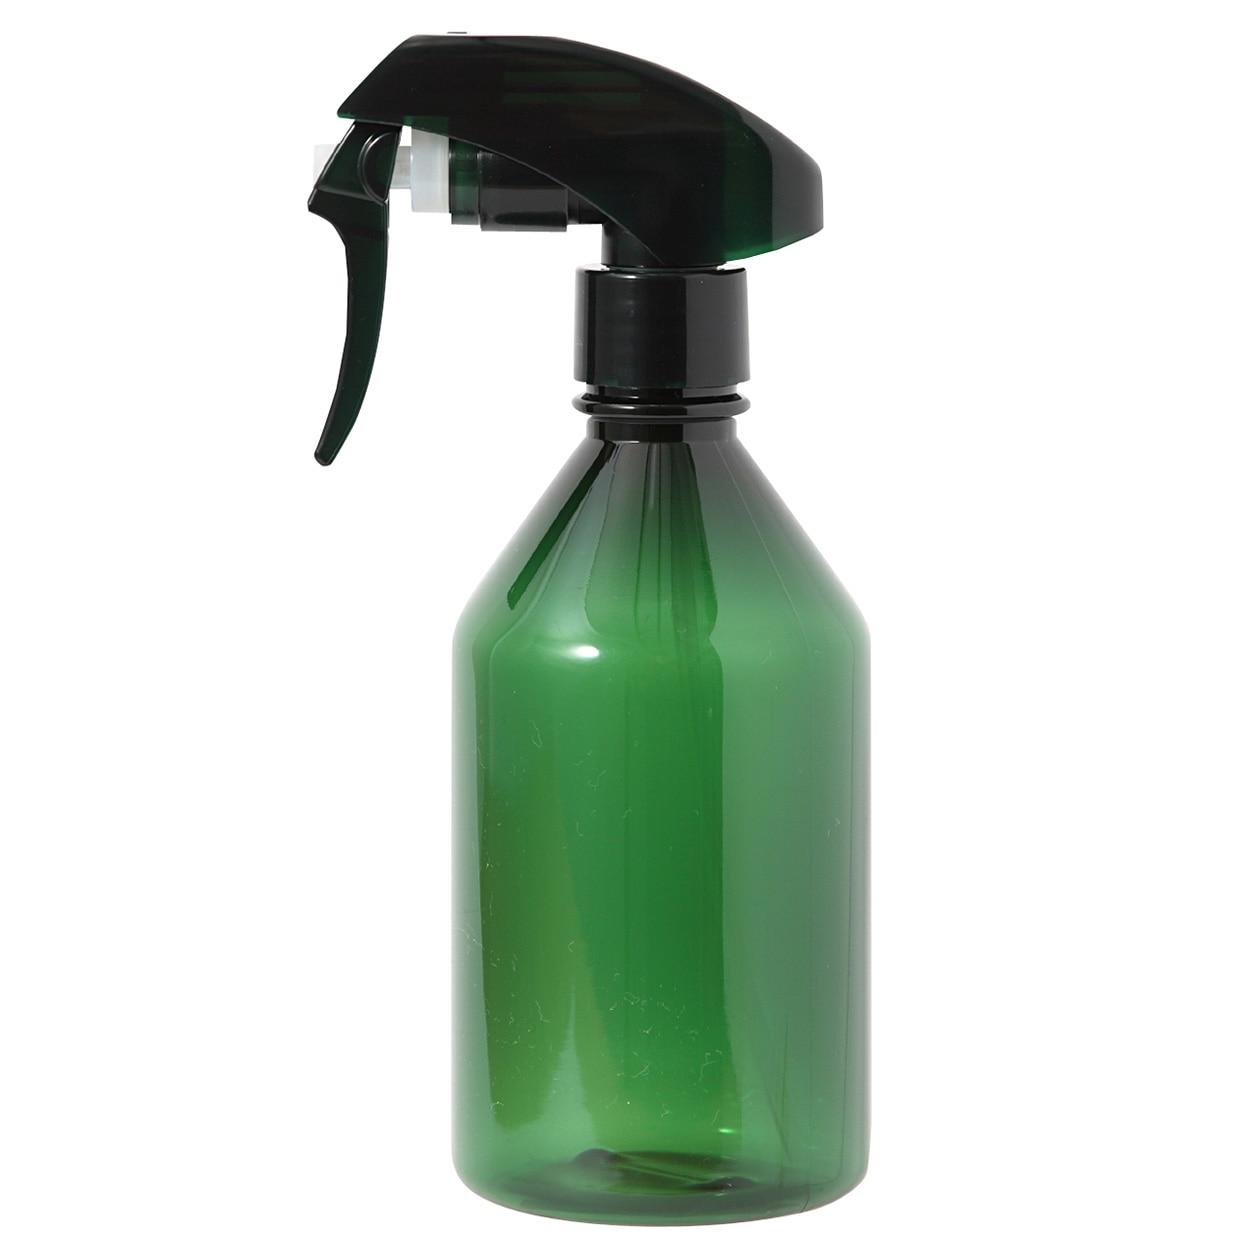 RoomClip商品情報 - PET詰替ボトル・トリガースプレータイプ